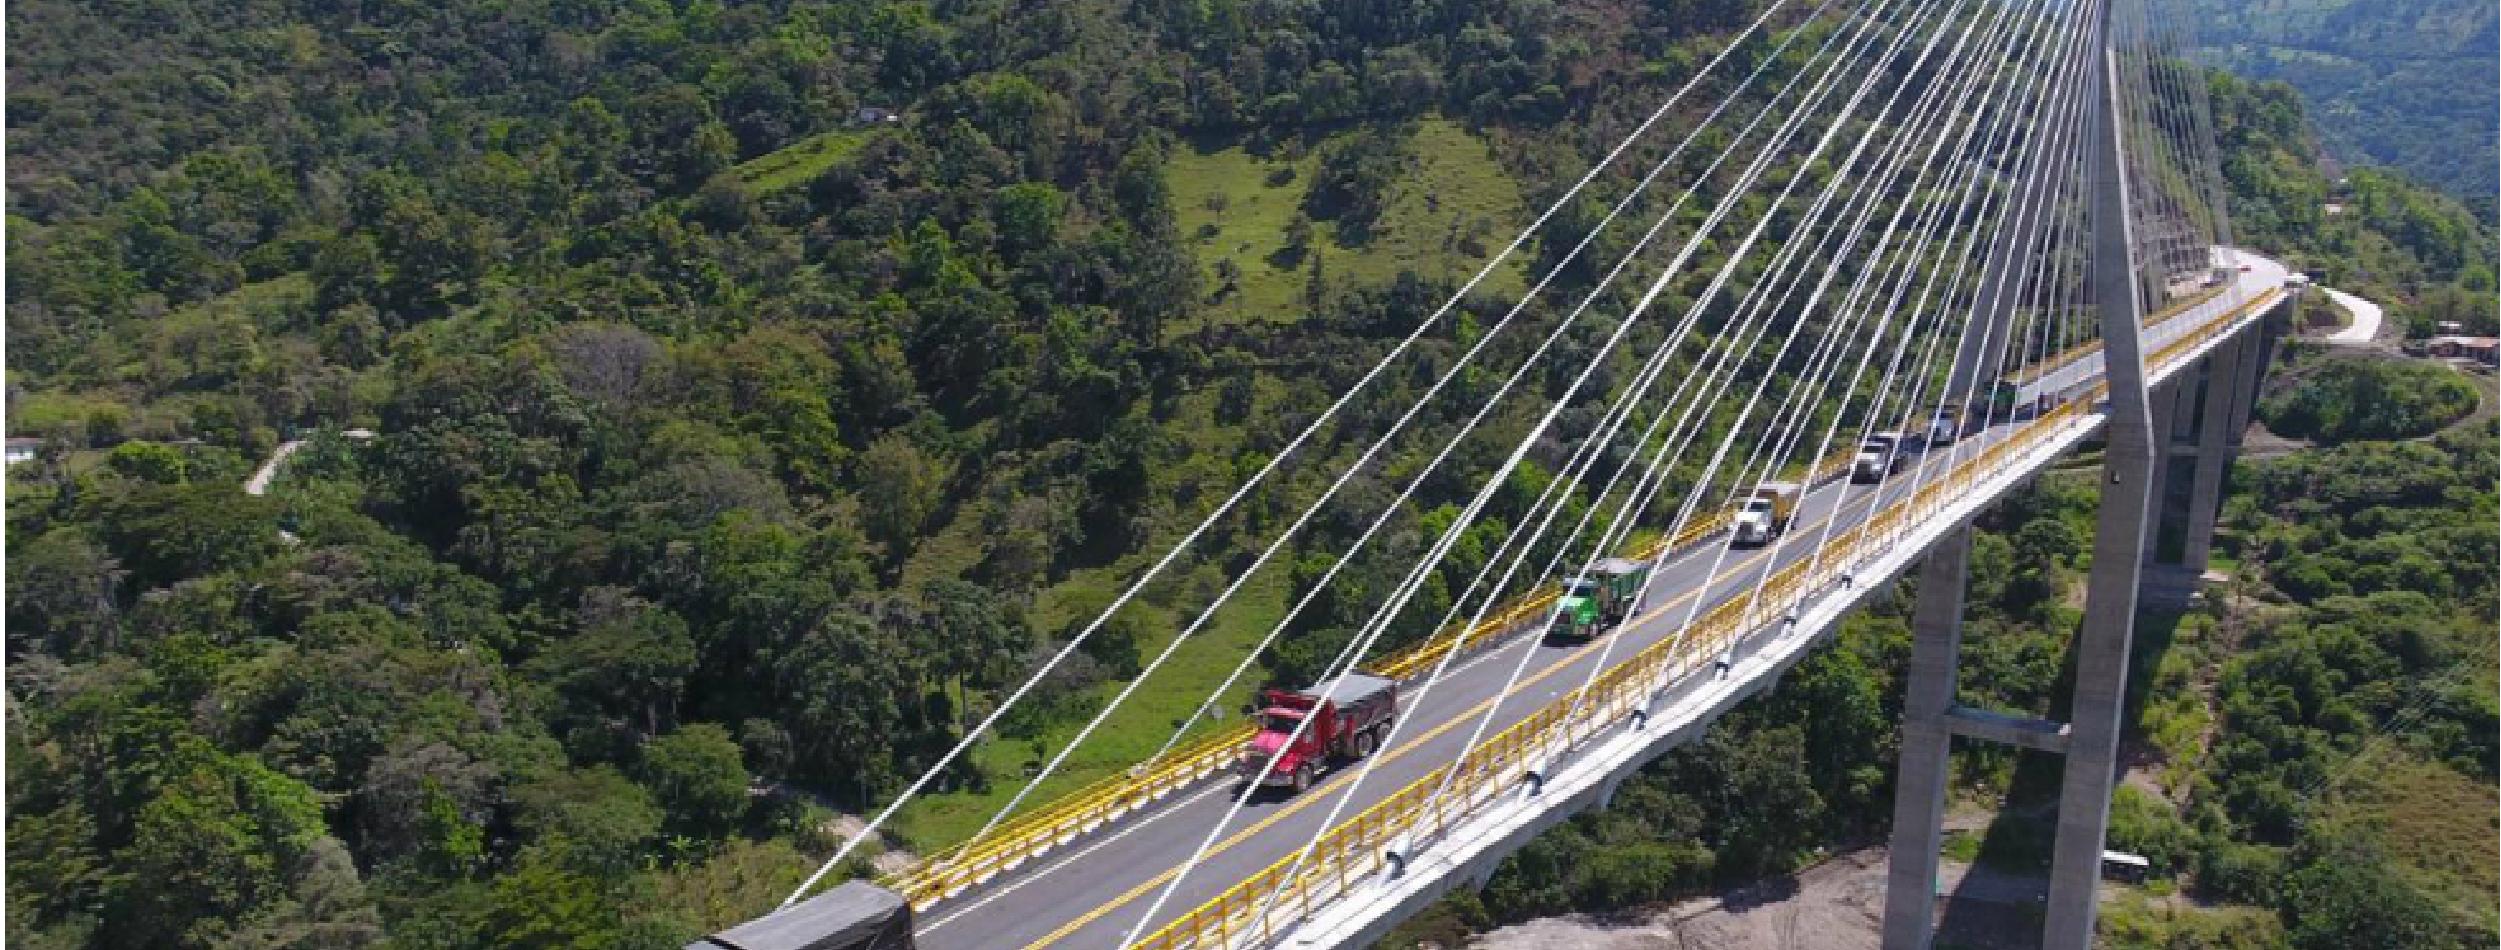 Llegó final de año y el puente Hisgaura es un gran elefante en Santander   | Región | Santander | EL FRENTE